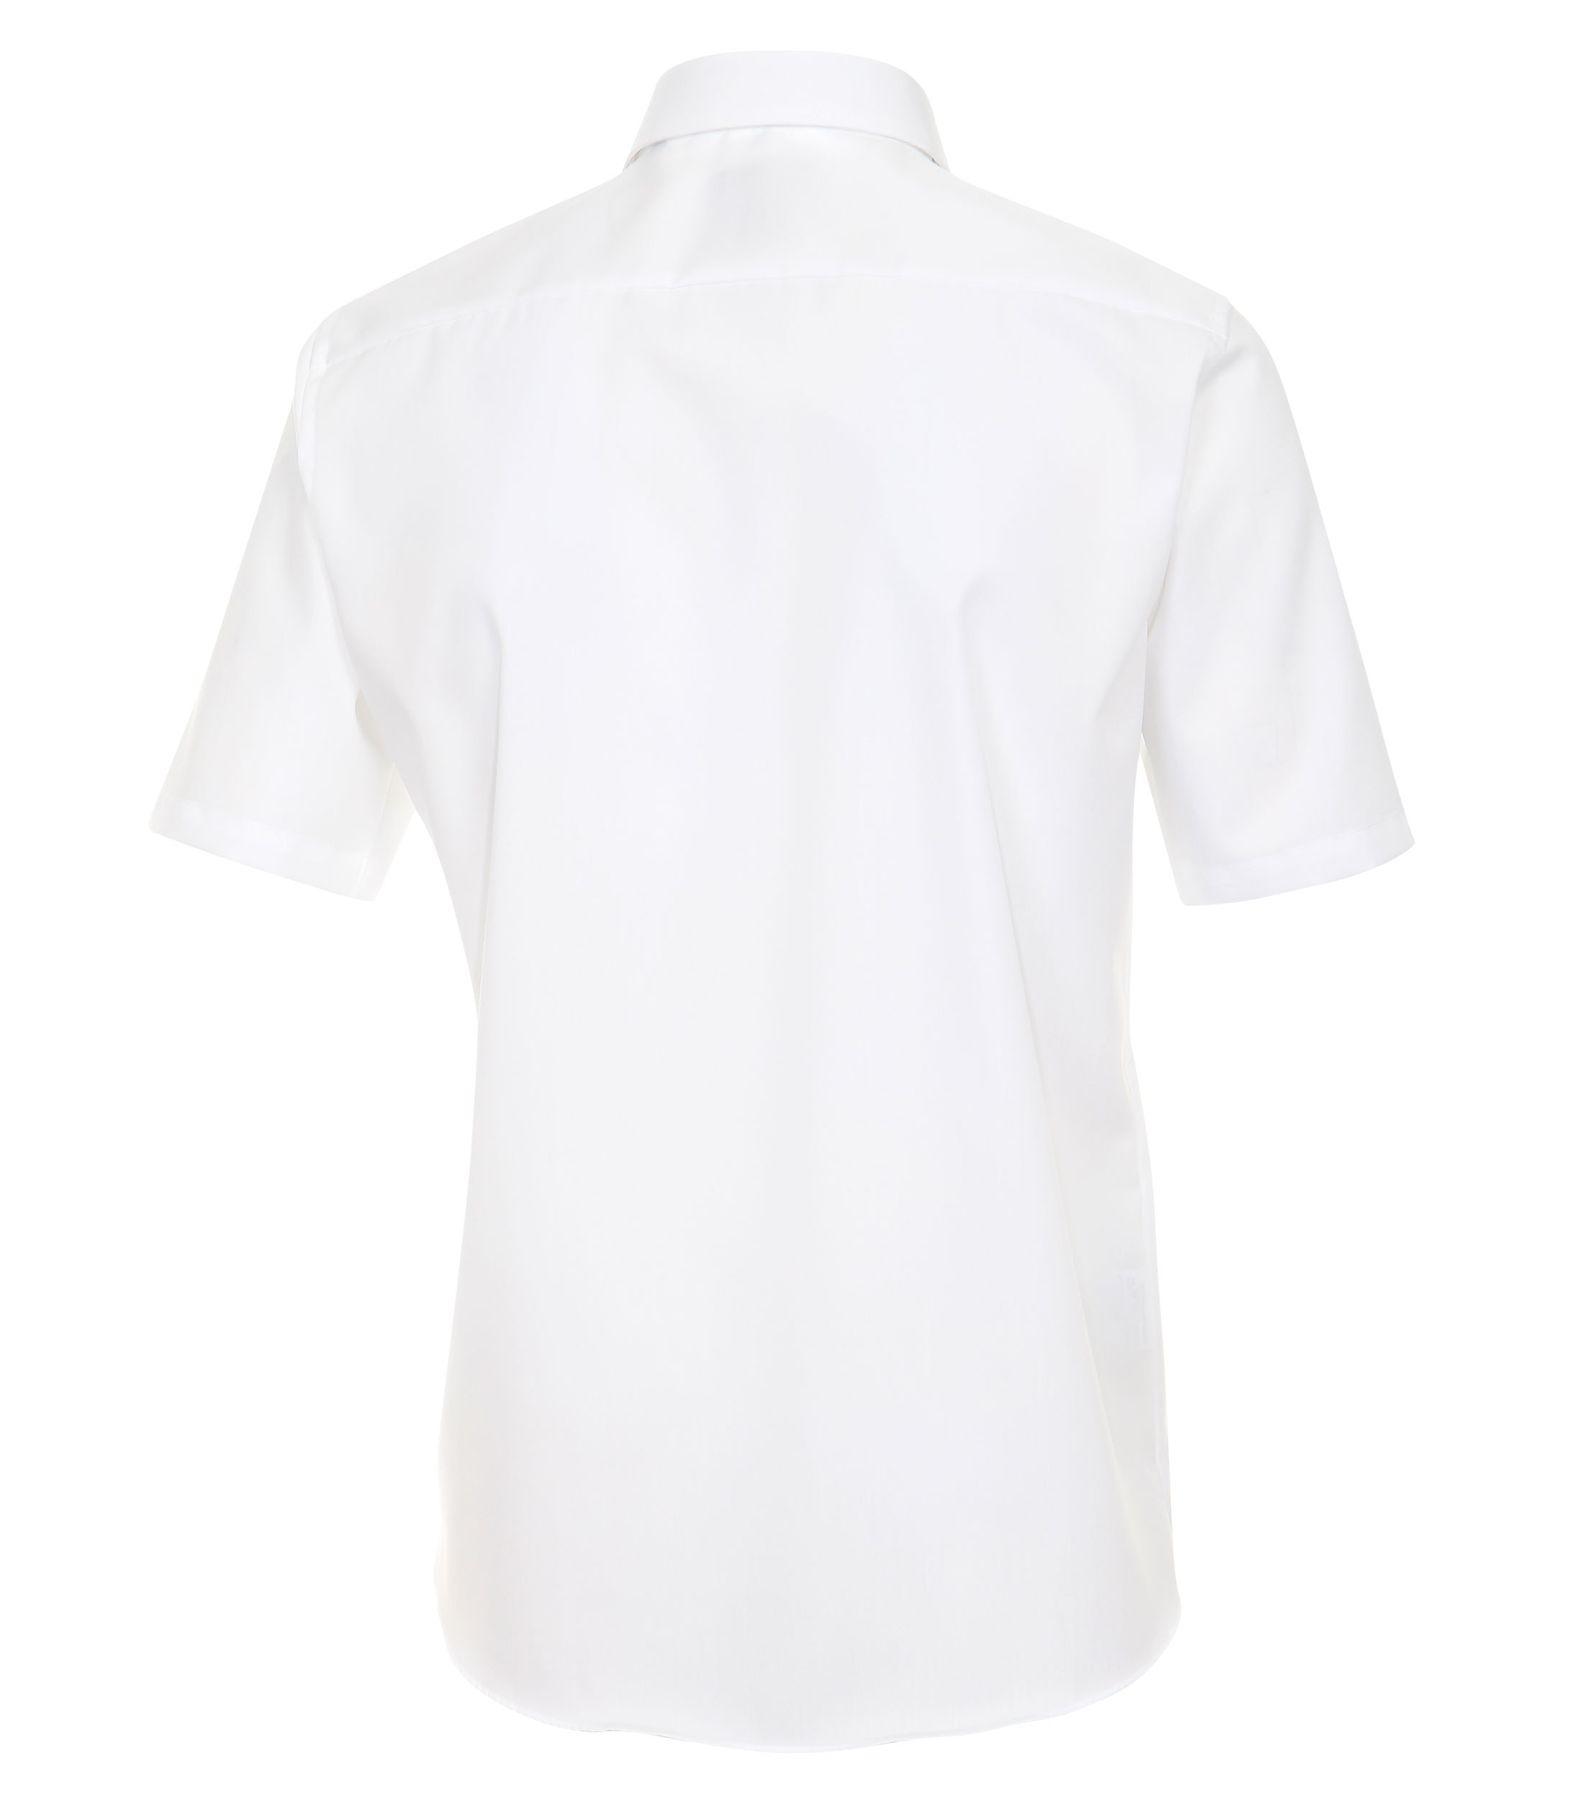 Casamoda - Modern Fit - Bügelfreies Herren kurzarm Hemd in verschiedene Farben (008570) – Bild 7